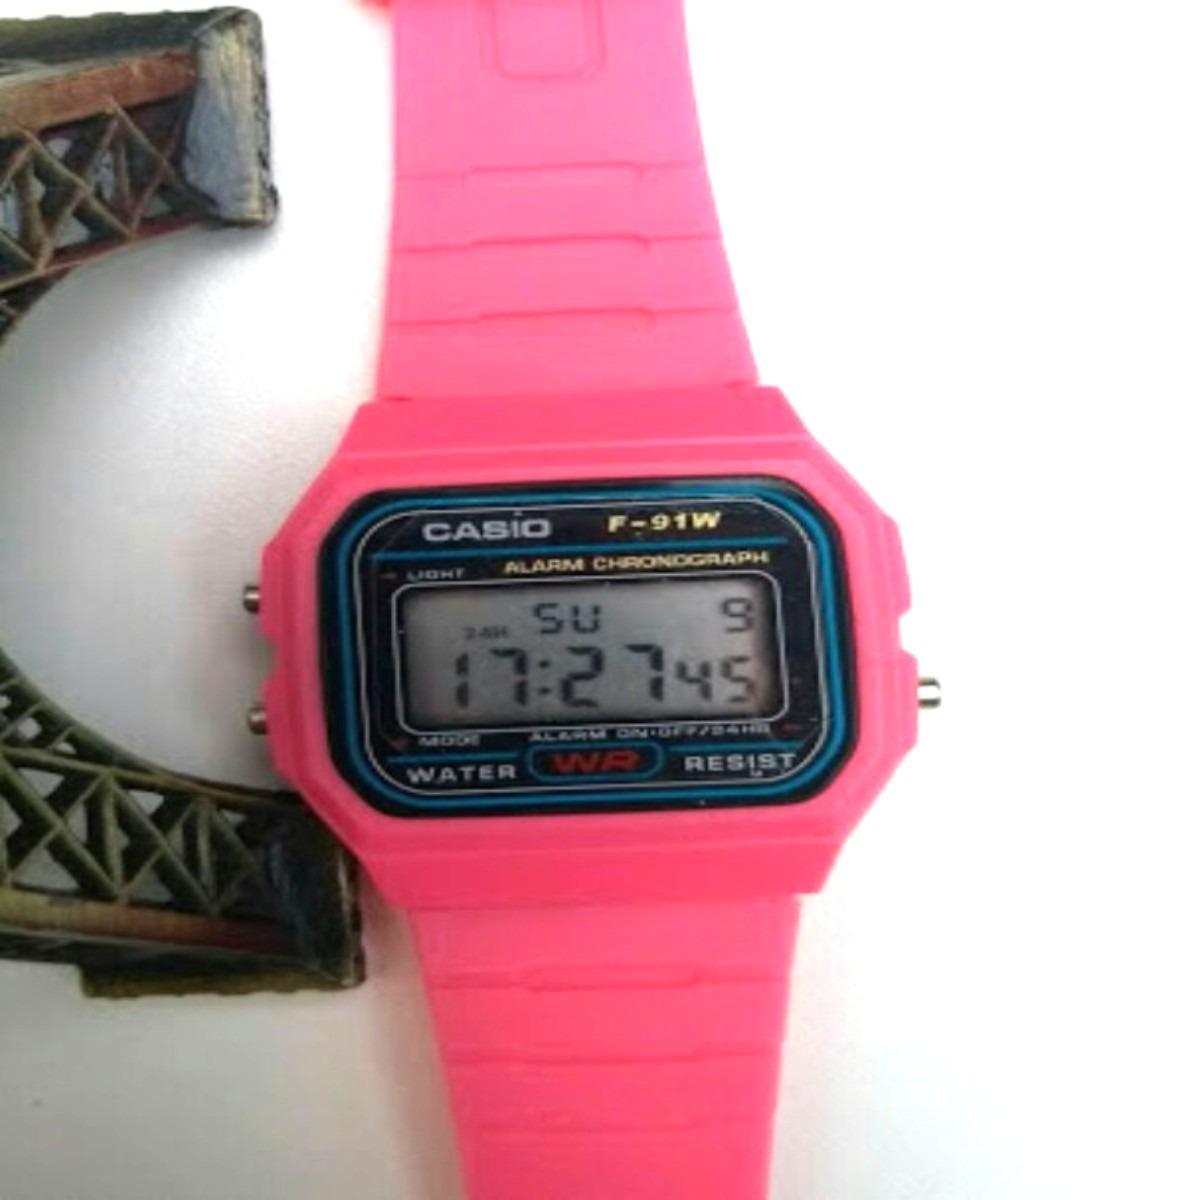 c2b04b96813 relógio casio f-91w feminino masculino colorido em promoção. Carregando  zoom.